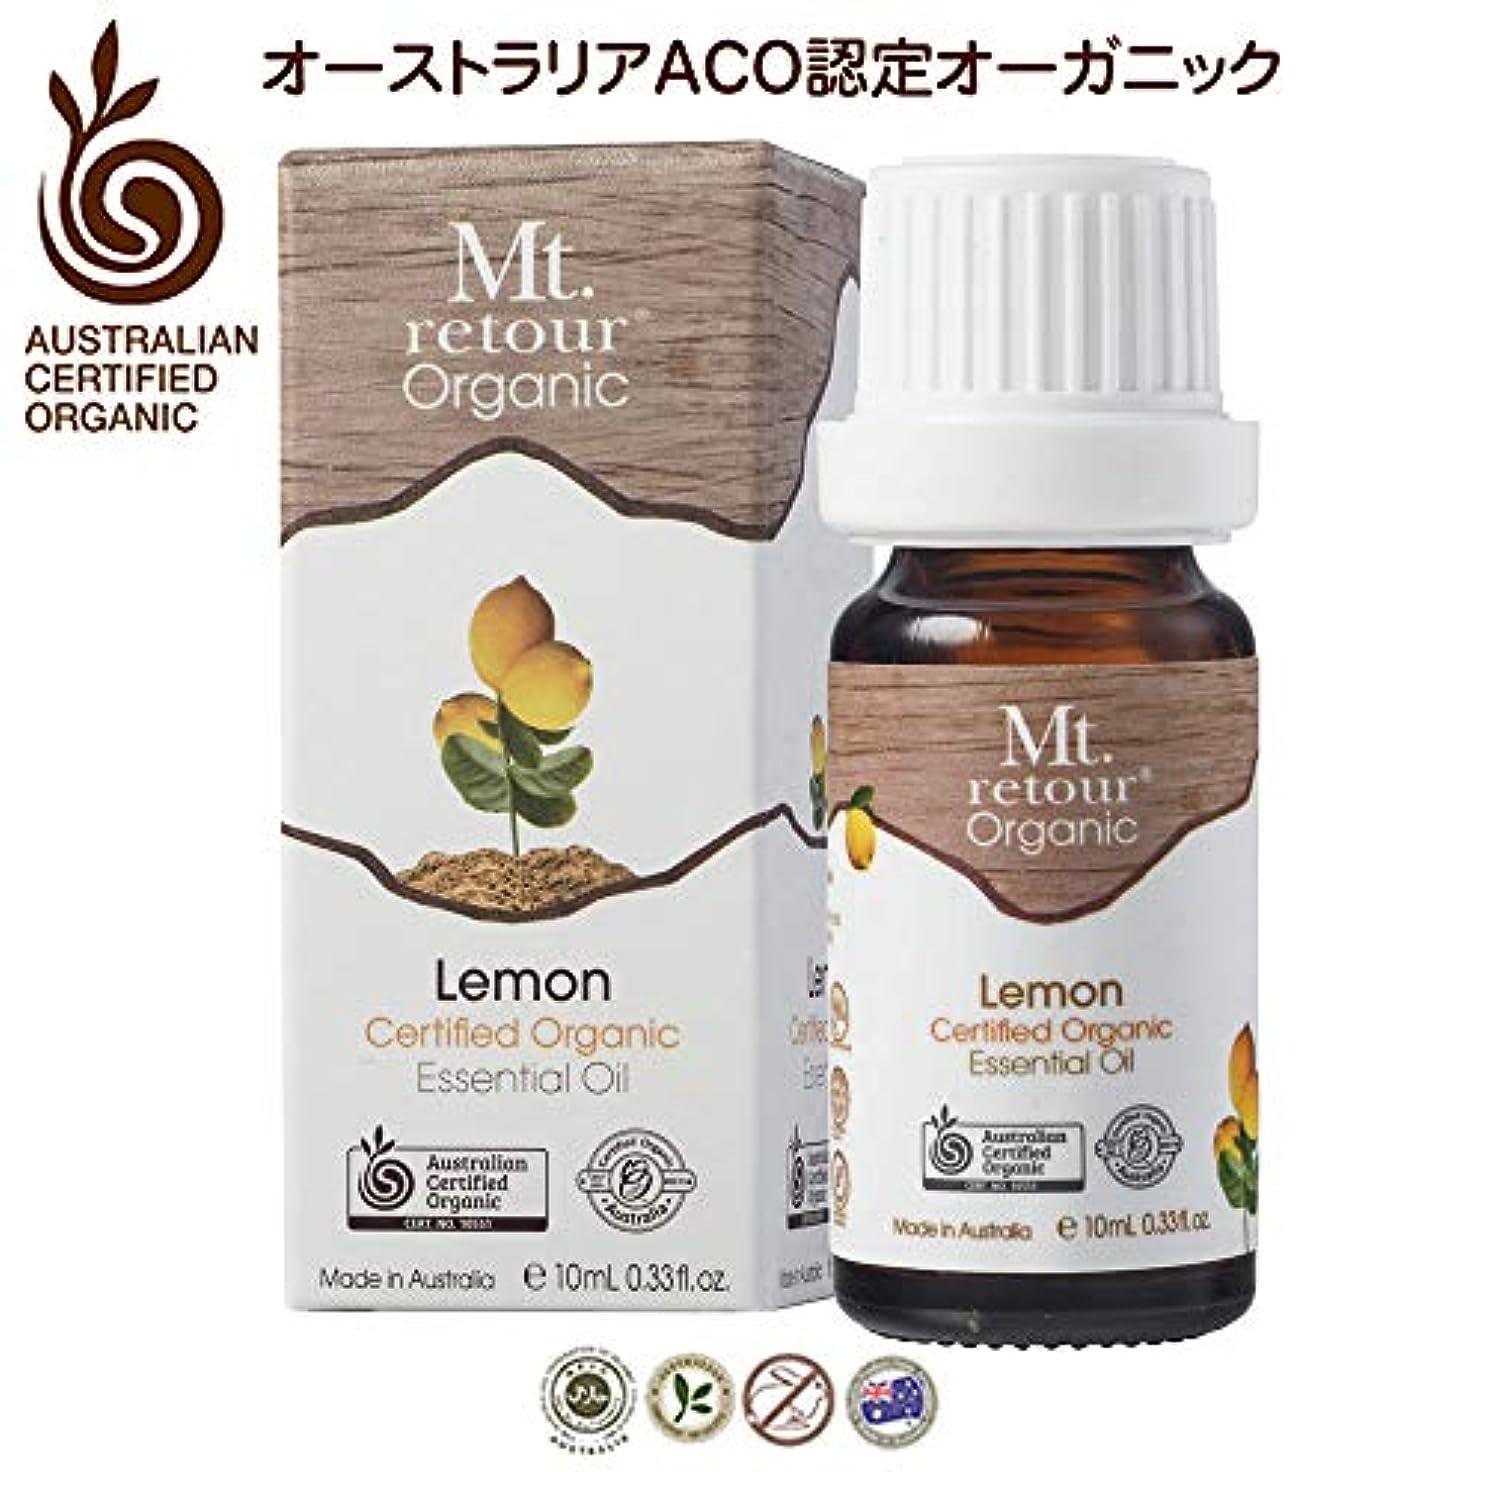 悲劇的な池アジャMt. retour ACO認定オーガニック レモン 10ml エッセンシャルオイル(無農薬有機栽培)アロマ